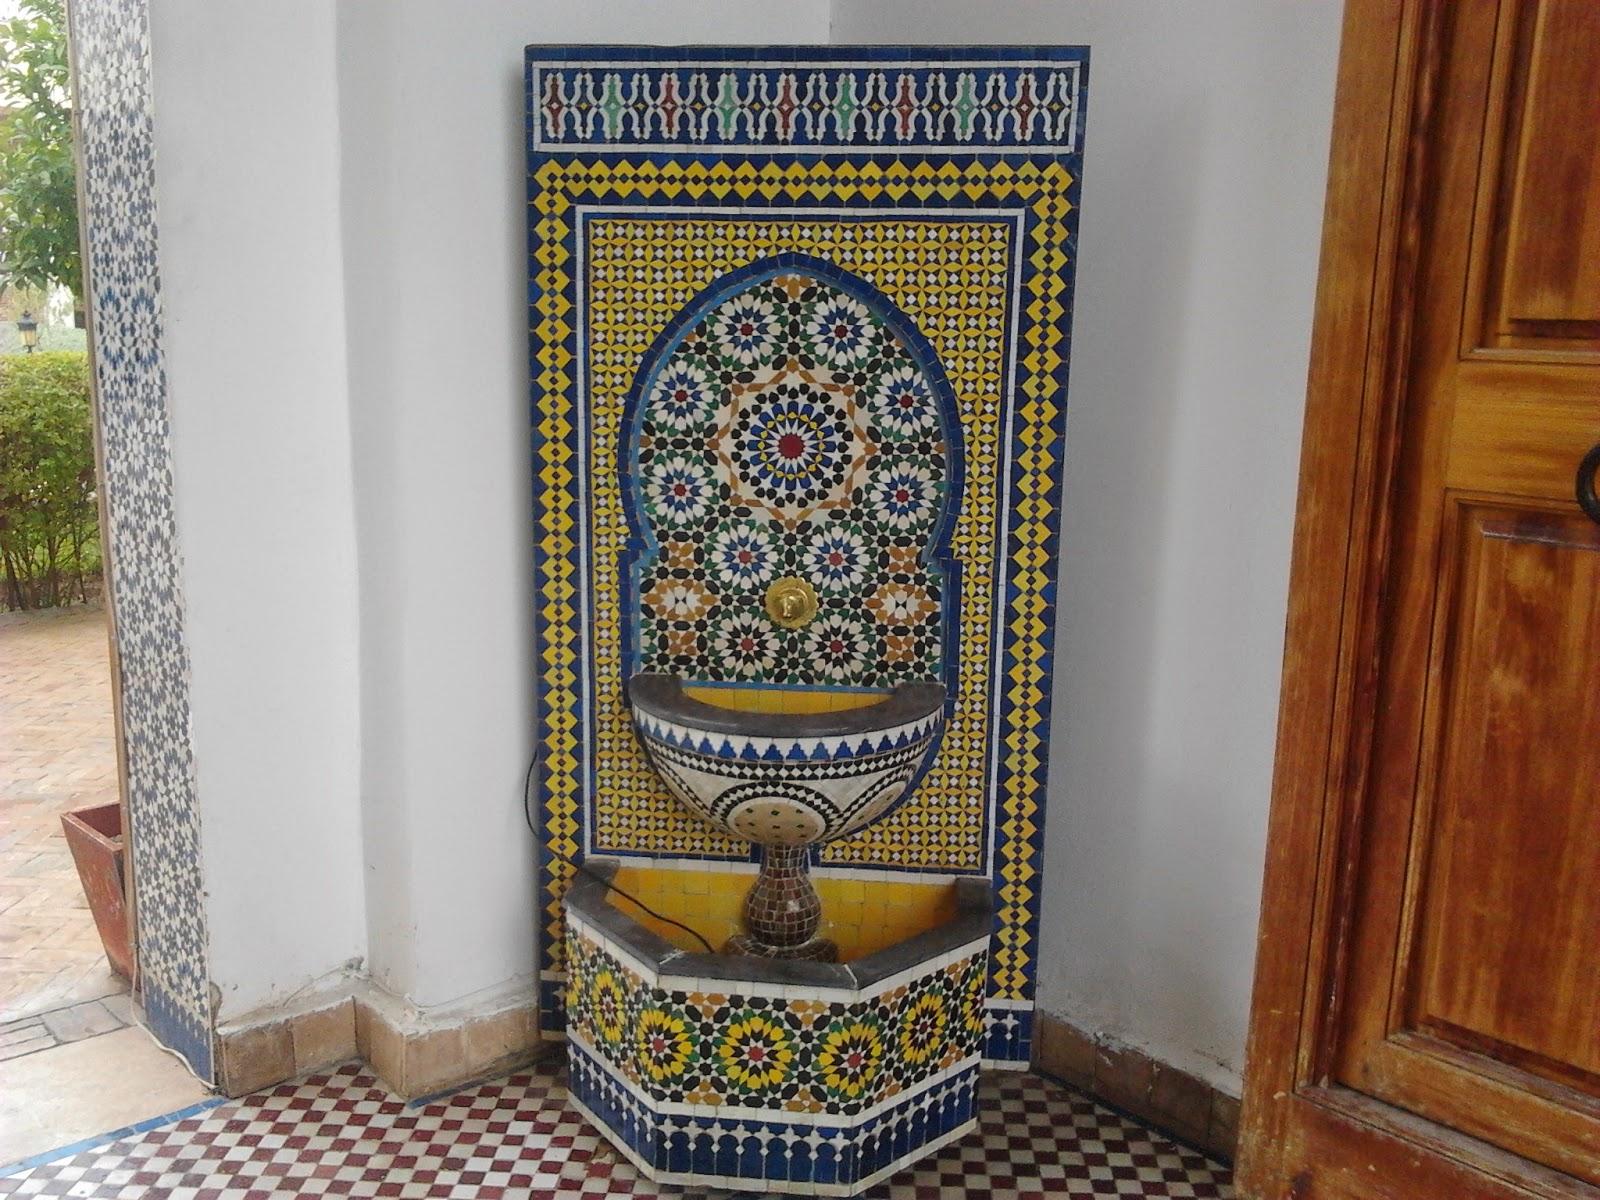 fontaine murale avec zellige de fes 1 20 80 750euro plane te artisanat. Black Bedroom Furniture Sets. Home Design Ideas